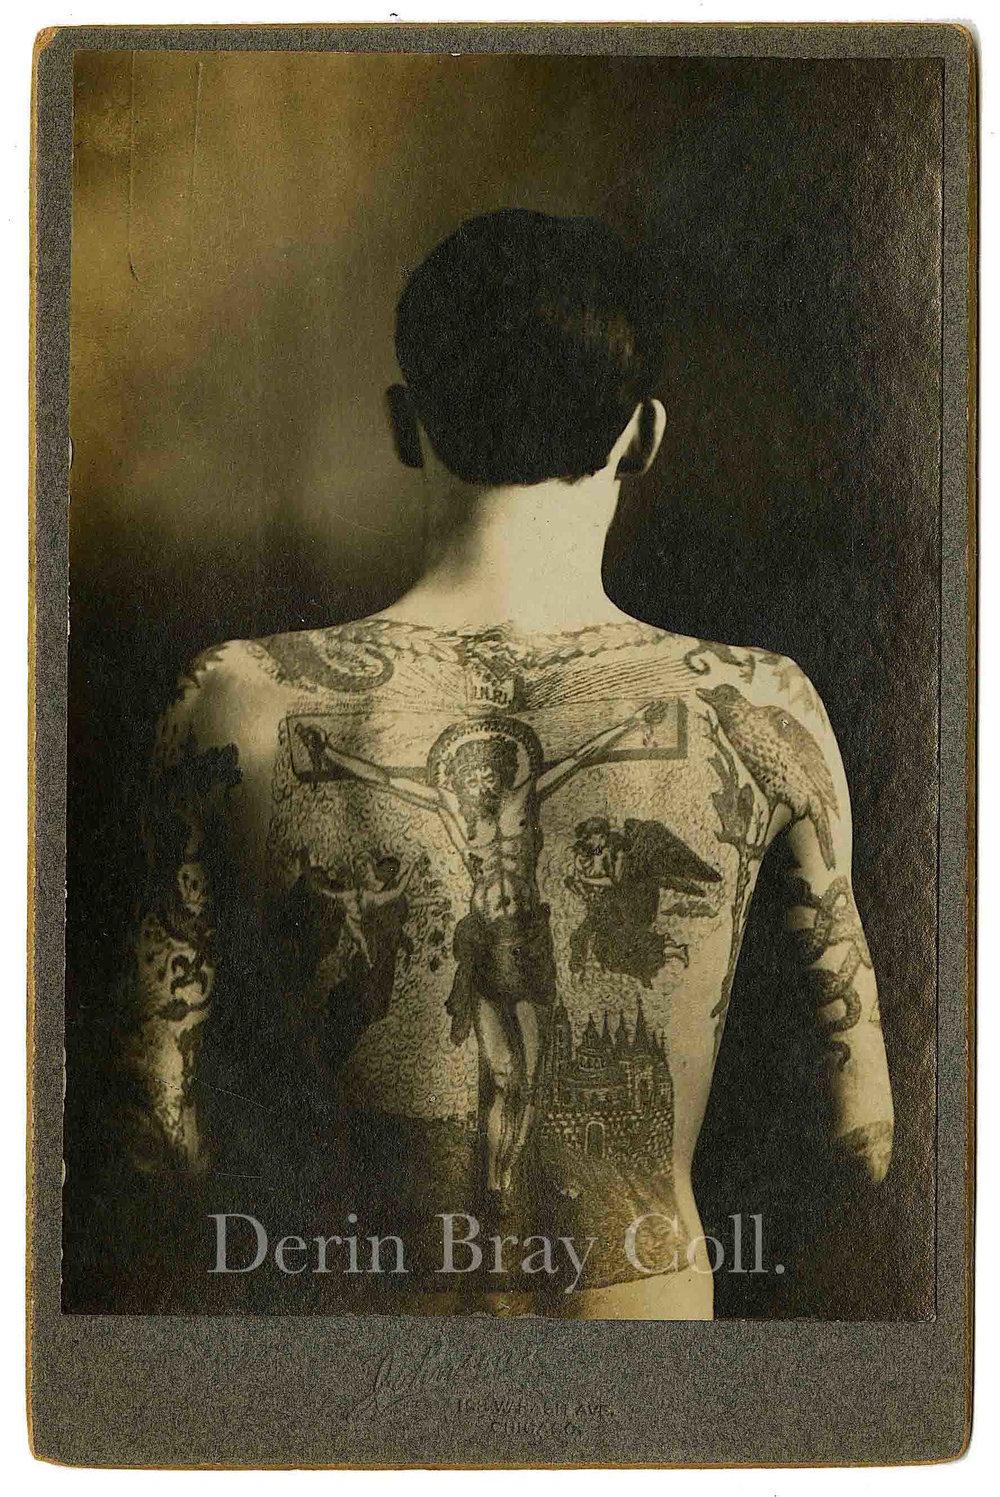 Joseph Bernard Harkin, aka Barney Kruntz, Cabinet Card by J. S. Johnson, Johnson's photo studio, 193 Wabash Ave., Chicago, IL, ca. 1905.  Derin Bray Collection